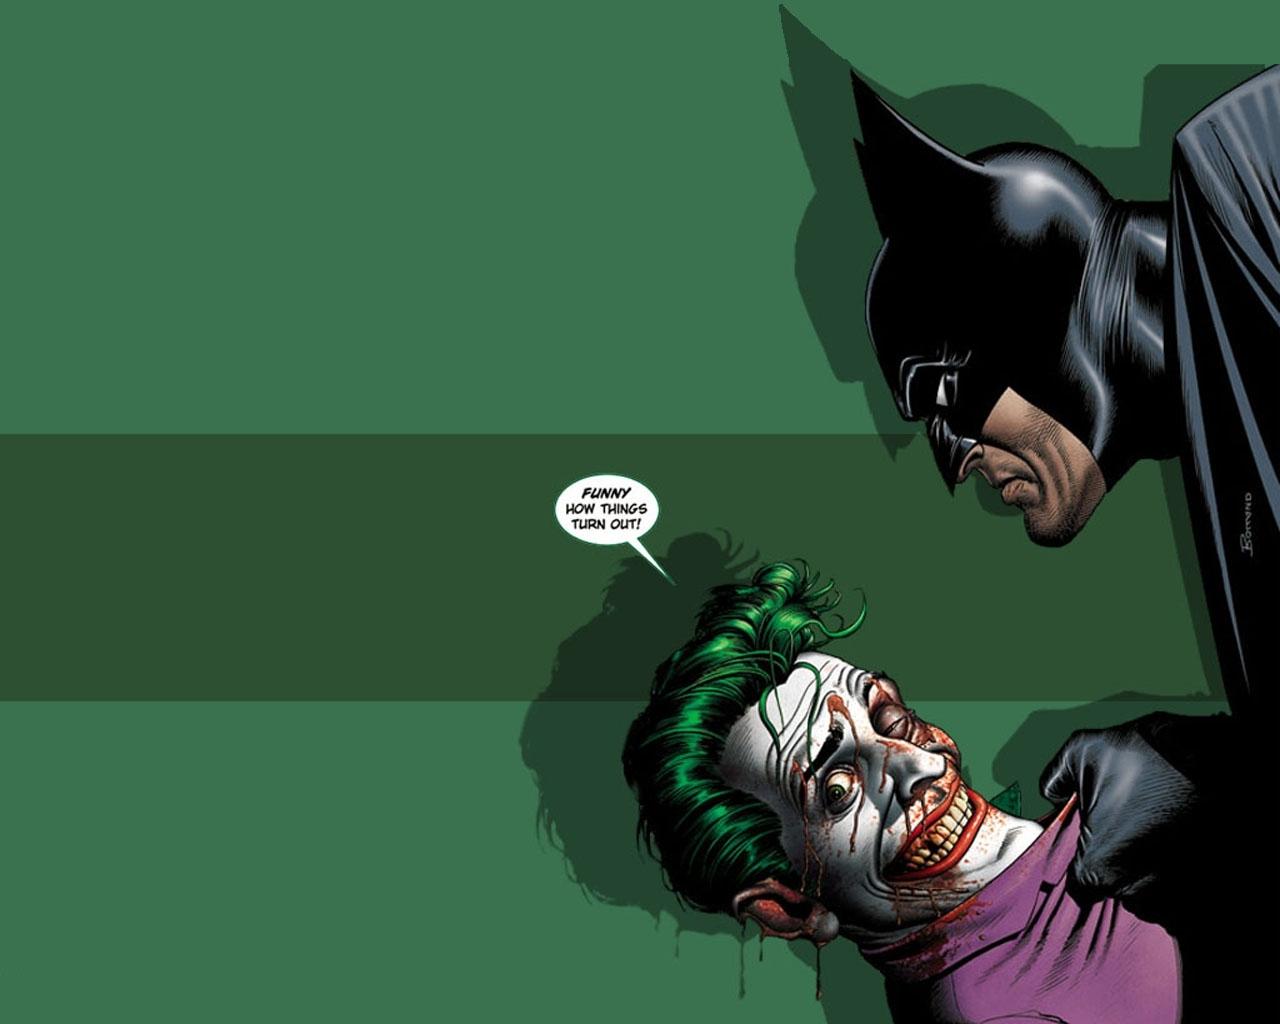 The Joker Batman   The Joker Wallpaper 9458537 1280x1024